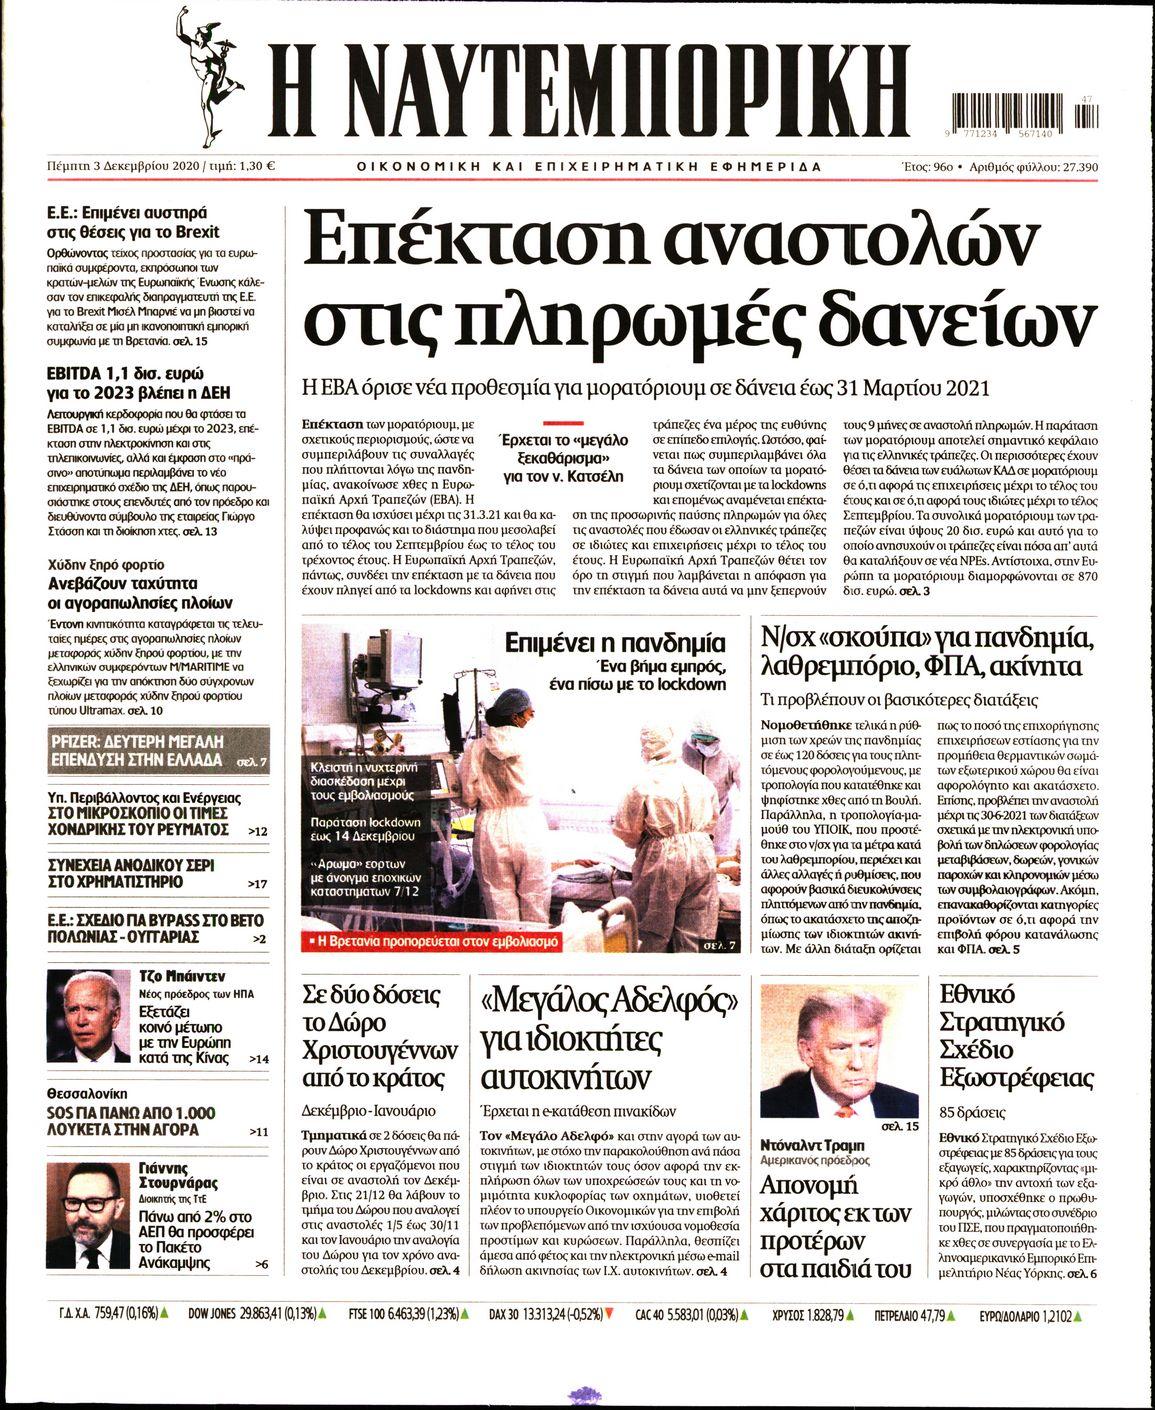 https://www.newsbeast.gr/files/1/newspapers/2020/12/03/27665790_21.jpg